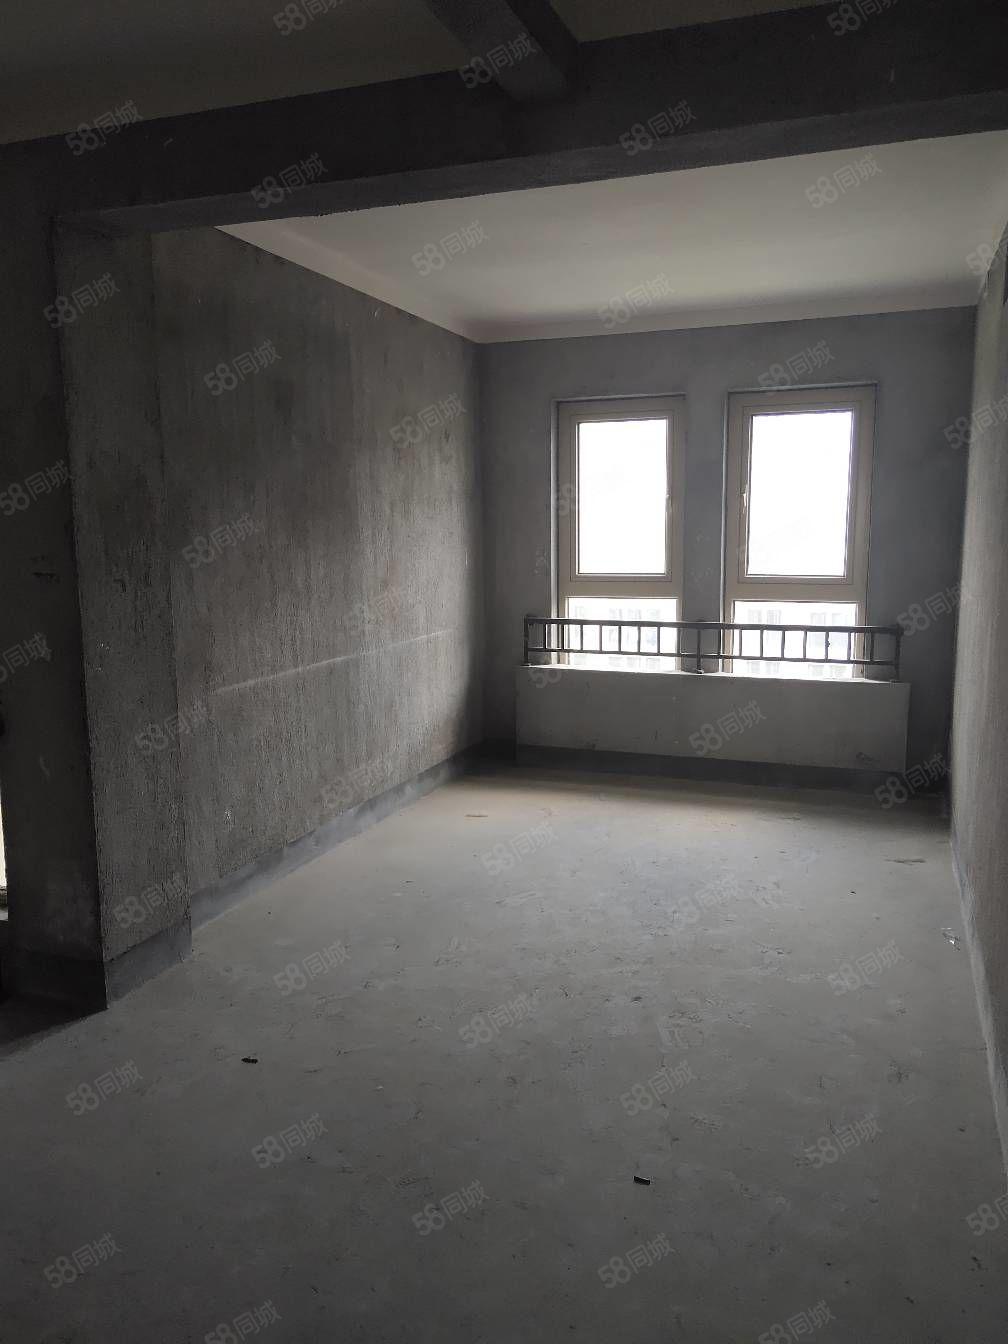 保利君悅灣30樓,毛坯,產證2年到,位置佳,三室兩廳二廳。